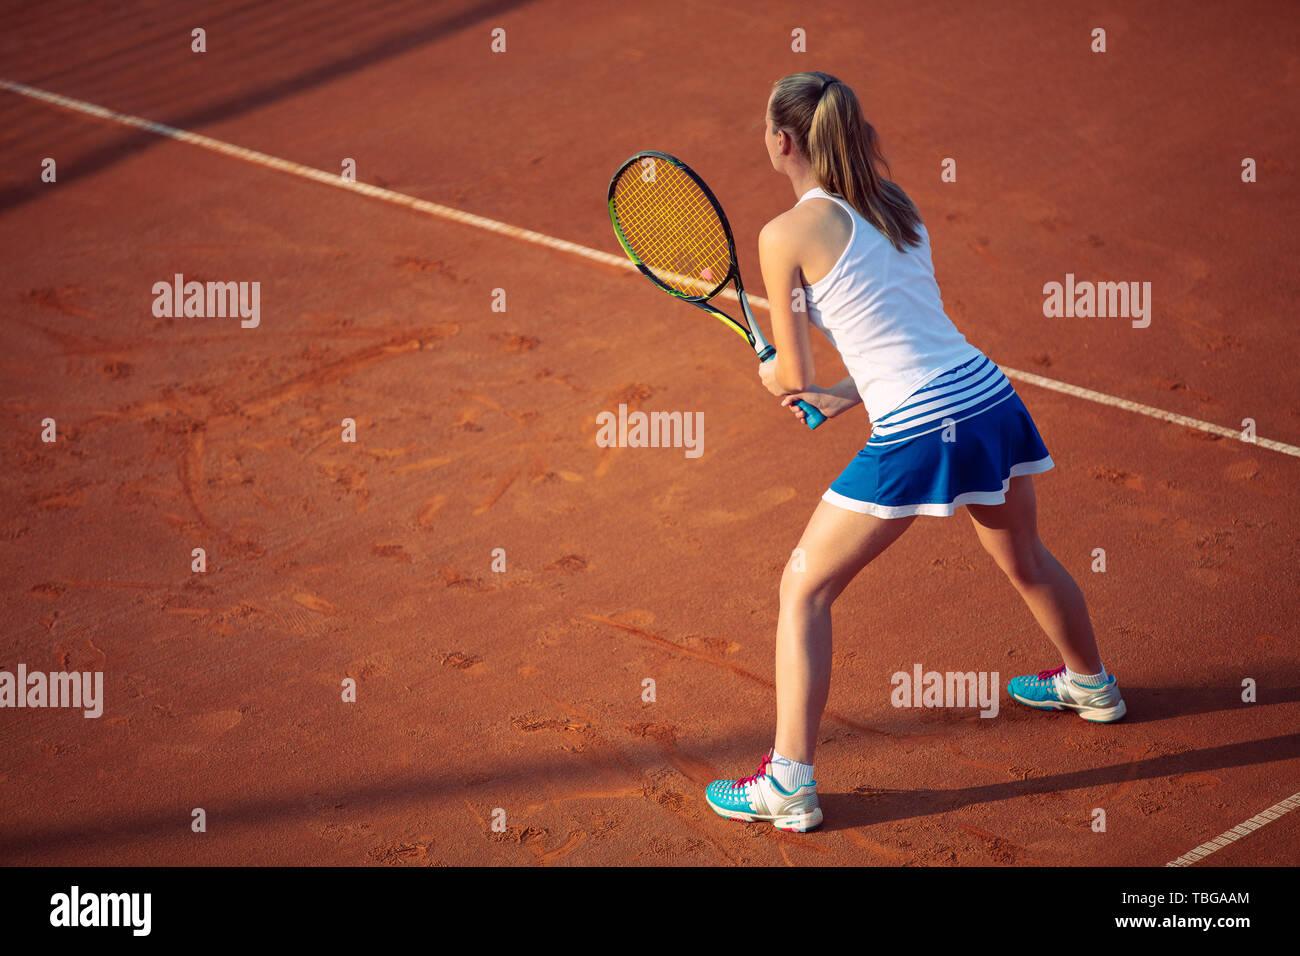 Toma aérea de un jugador de tenis femenino en un tribunal durante el partido. Chica jugando tenis.Un alto ángulo de visualización. Foto de stock